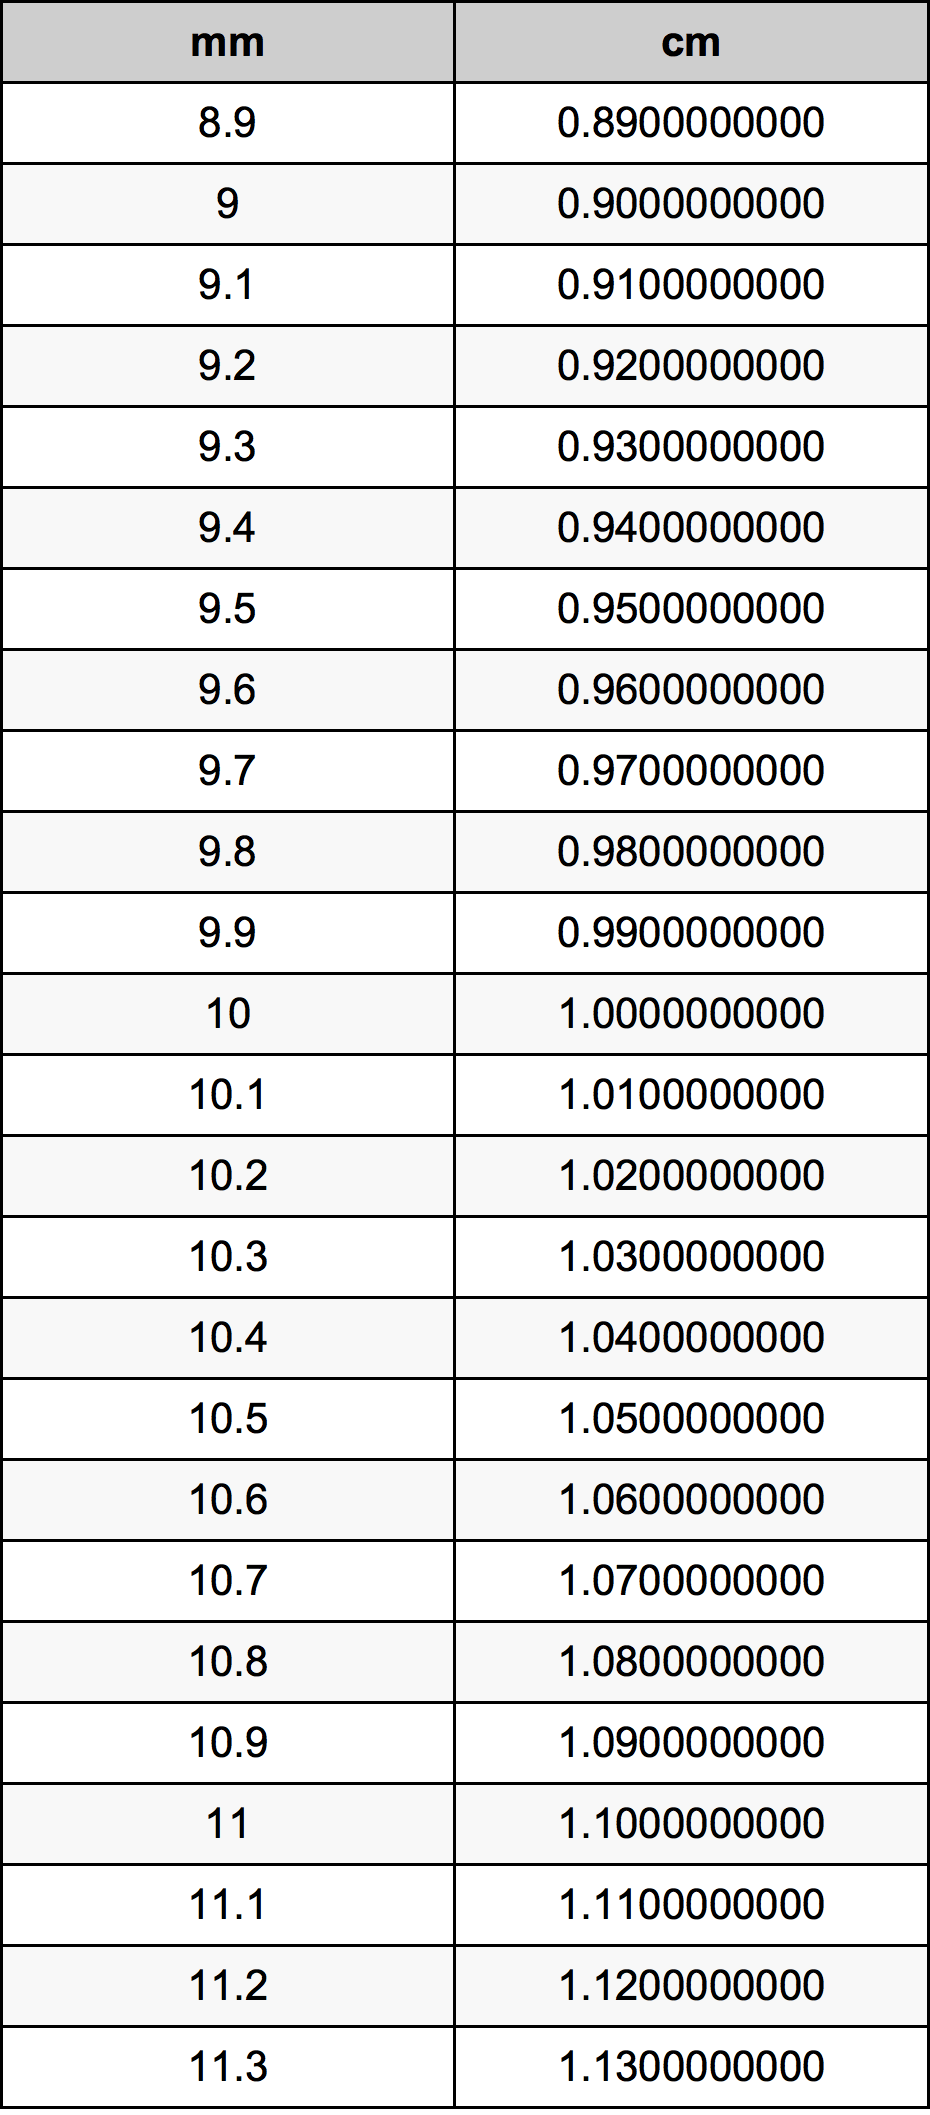 10.1ミリメートルをセンチメートル単位変換 | 10.1mmをcm単位変換